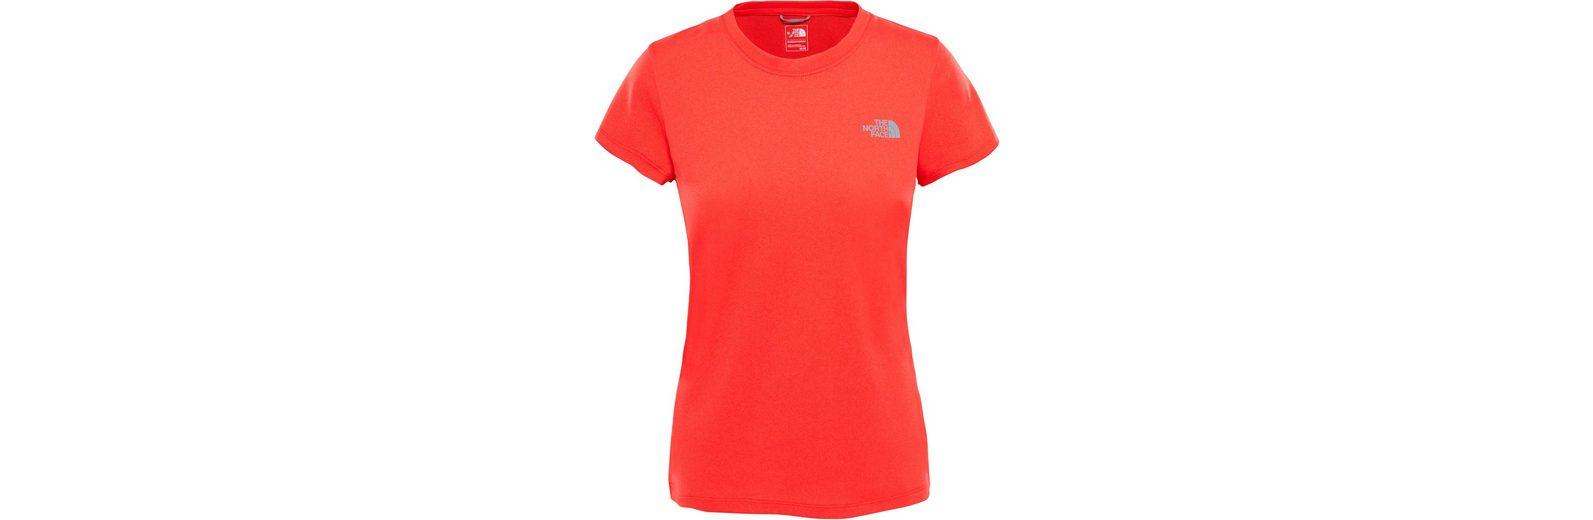 The North Face T-Shirt Reaxion Ampere Crew Shirt Women Billig Verkaufen Billig Billig Verkauf Countdown-Paket Billig Verkauf In Deutschland 2018 bCdfkE6AcO